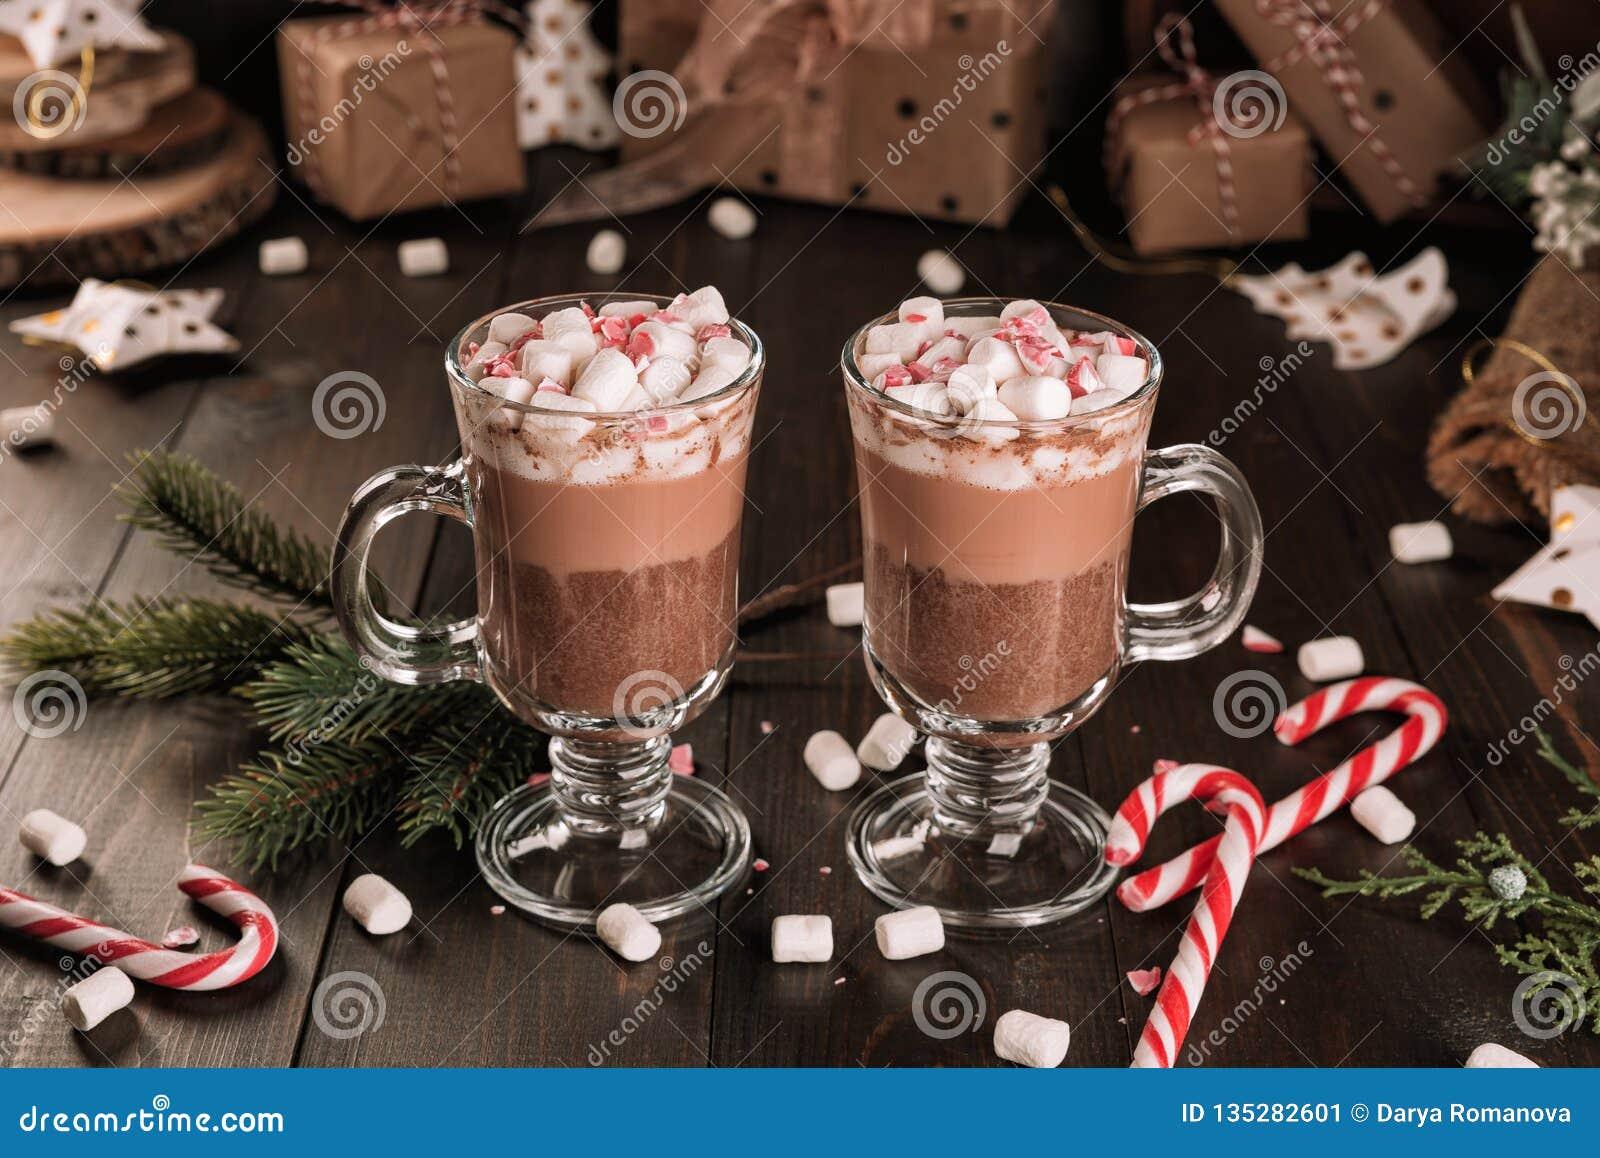 Tasse de boisson de cacao de chocolat chaud avec guimauves